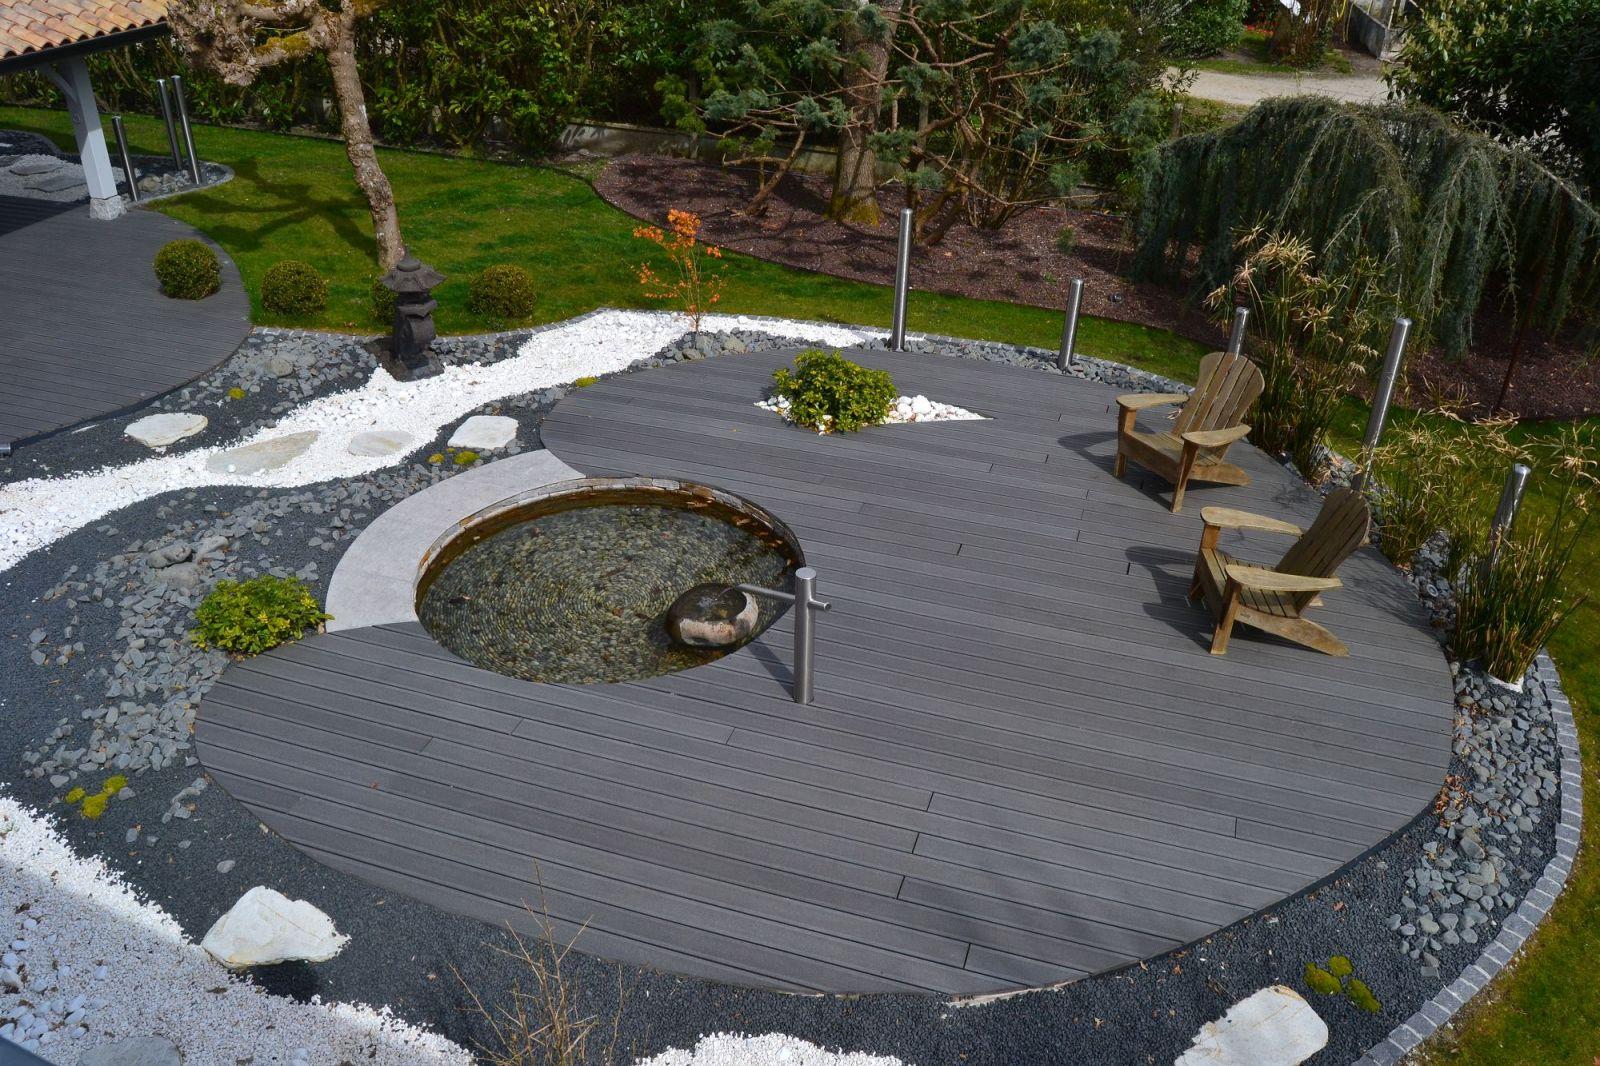 Conception Et Aménagement D'un Jardin Zen Par Un Paysagiste ... dedans Paysagiste Jardin Zen